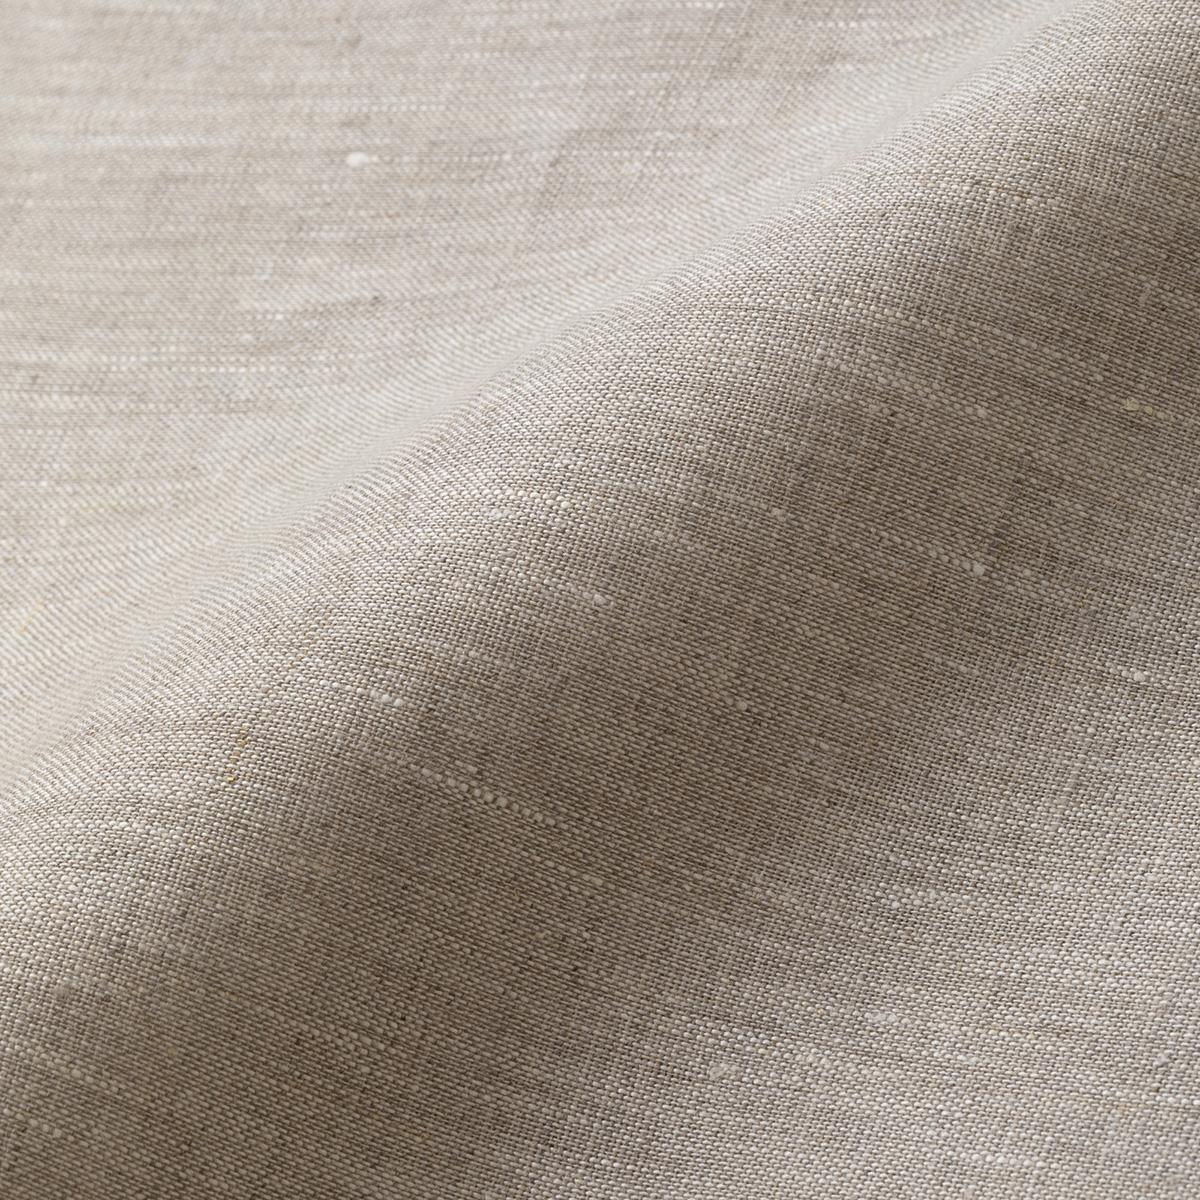 220cm巾 【 リネン 100% 生地 】 オートミール 無地 中厚地 1m単位 R1787 <旧品番 N-7871> 【ワンピース、スカート、カーテン、シーツに最適】